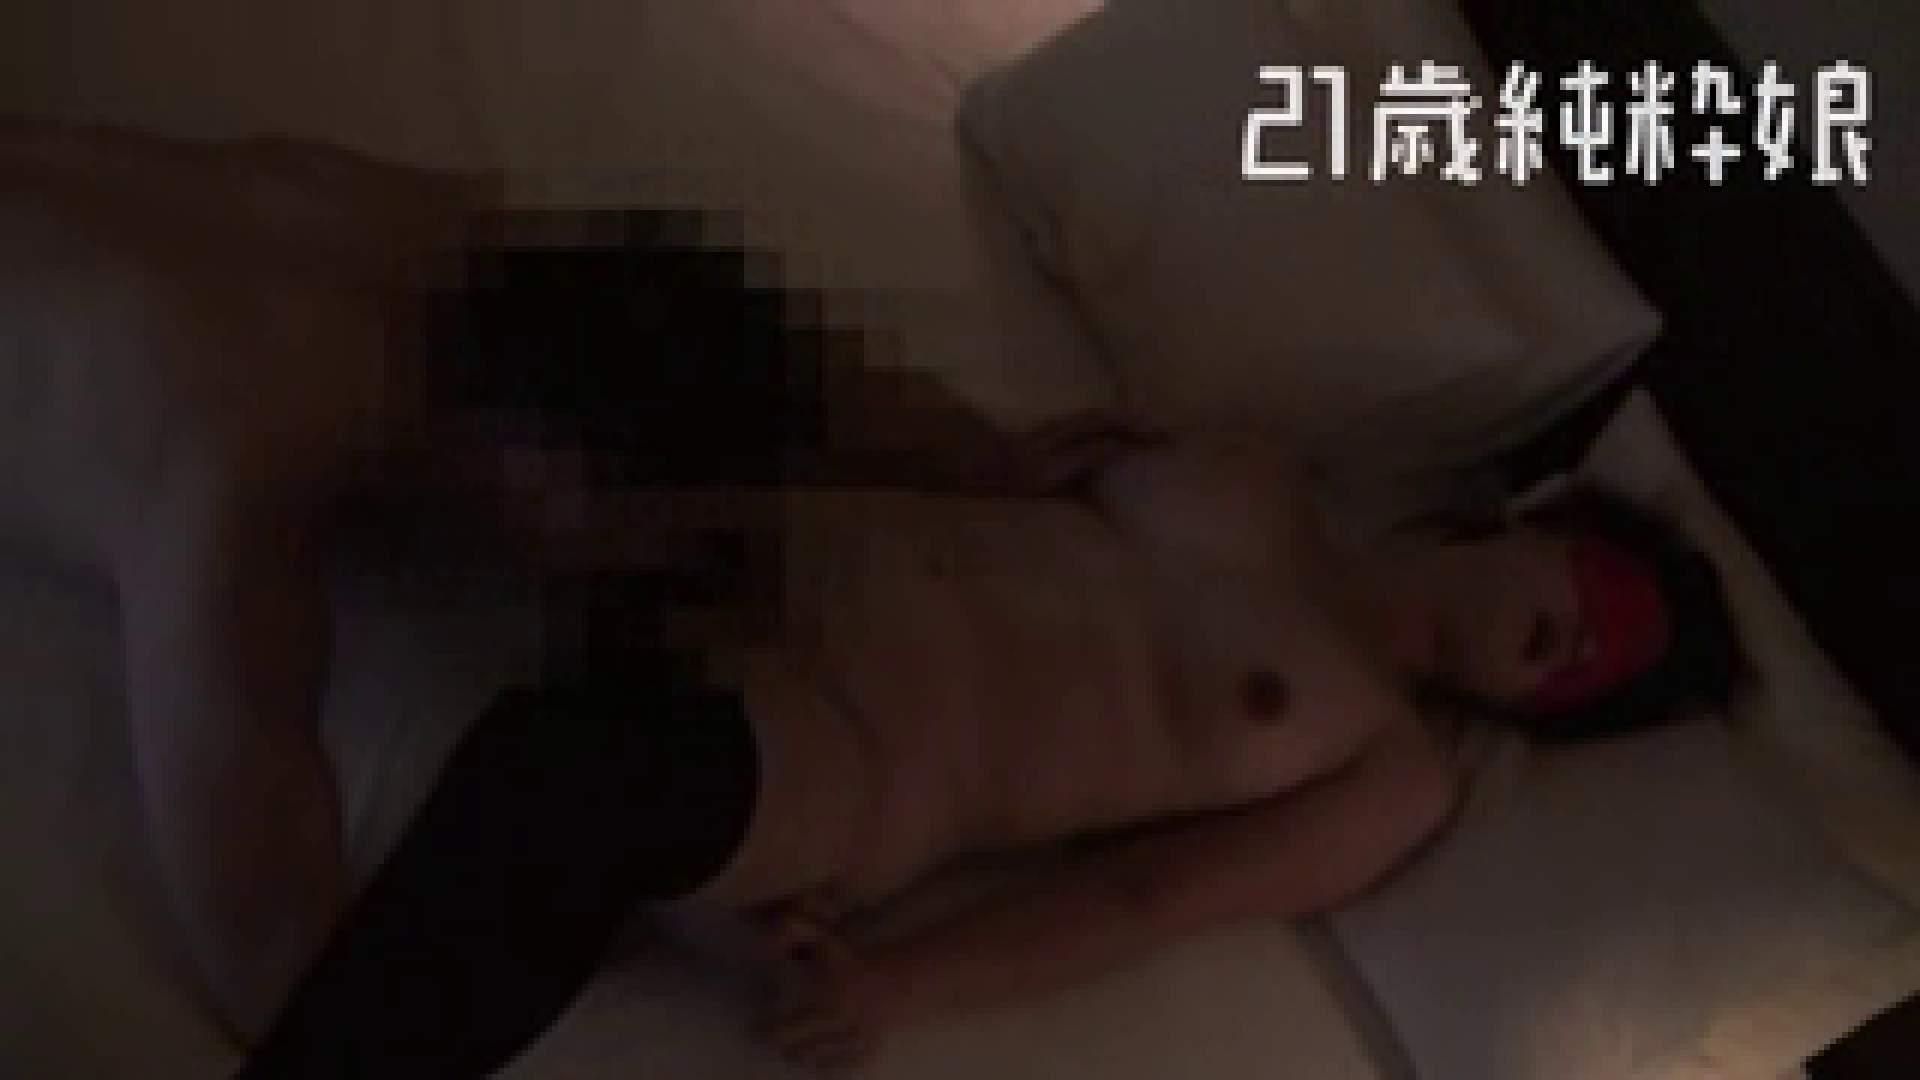 上京したばかりのGカップ21歳純粋嬢を都合の良い女にしてみた4 投稿 | 友人投稿  61連発 49